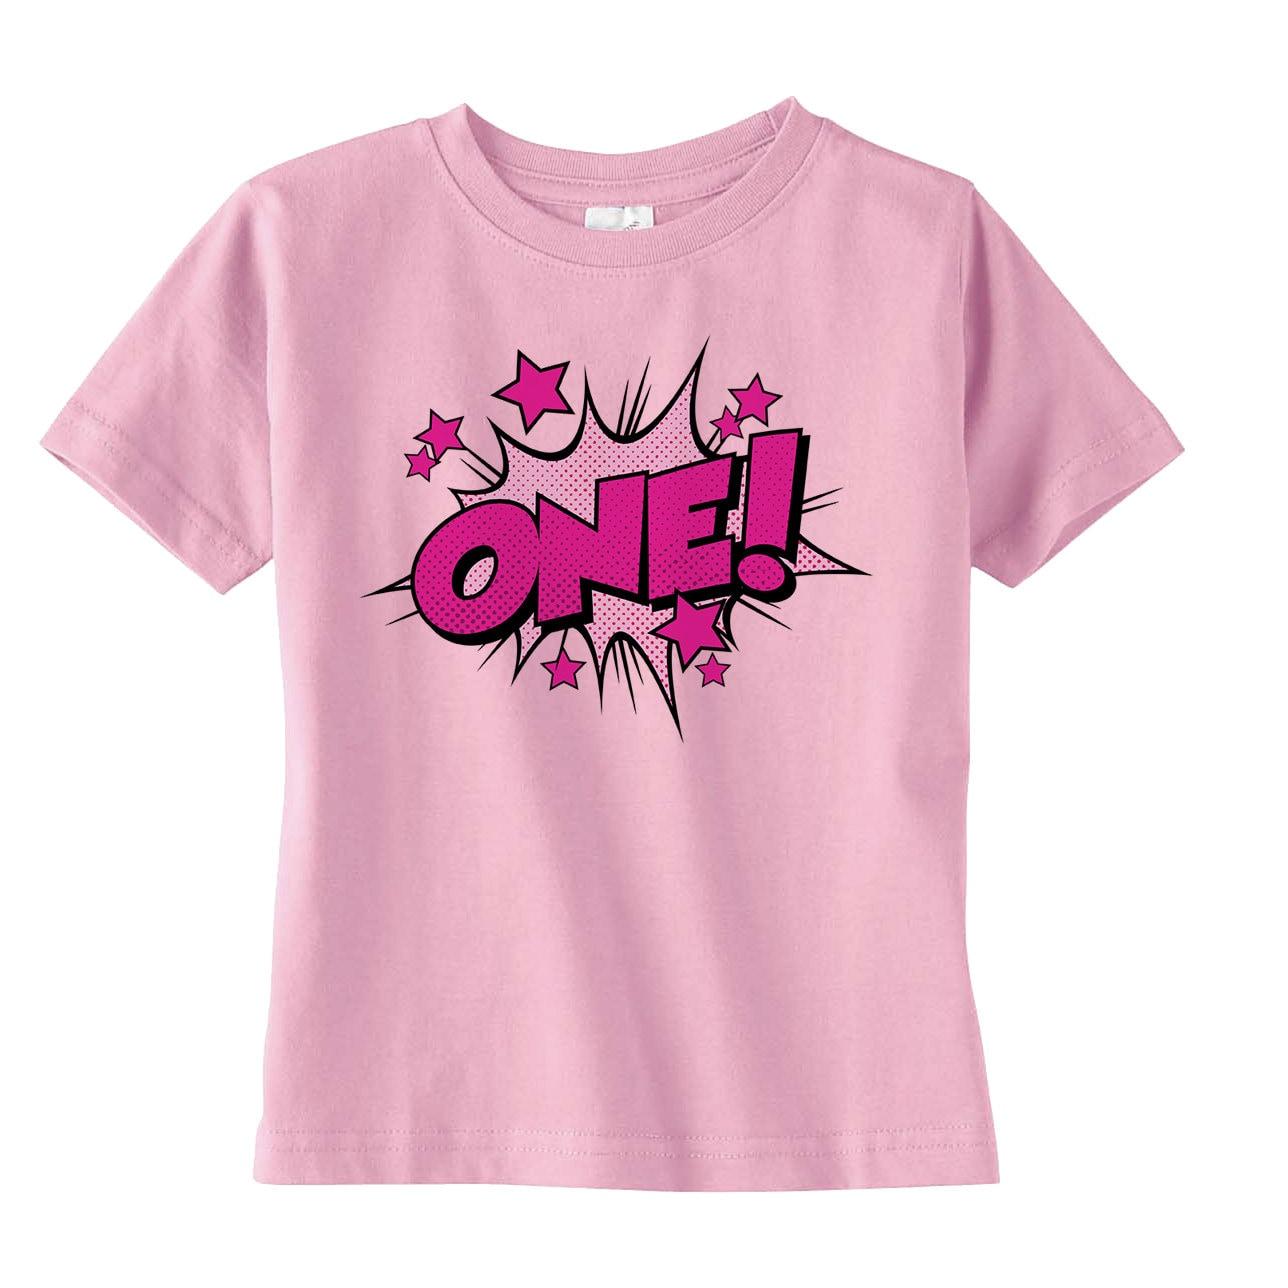 Girls Superhero Birthday Shirt Girls Birthday Outfit Girls